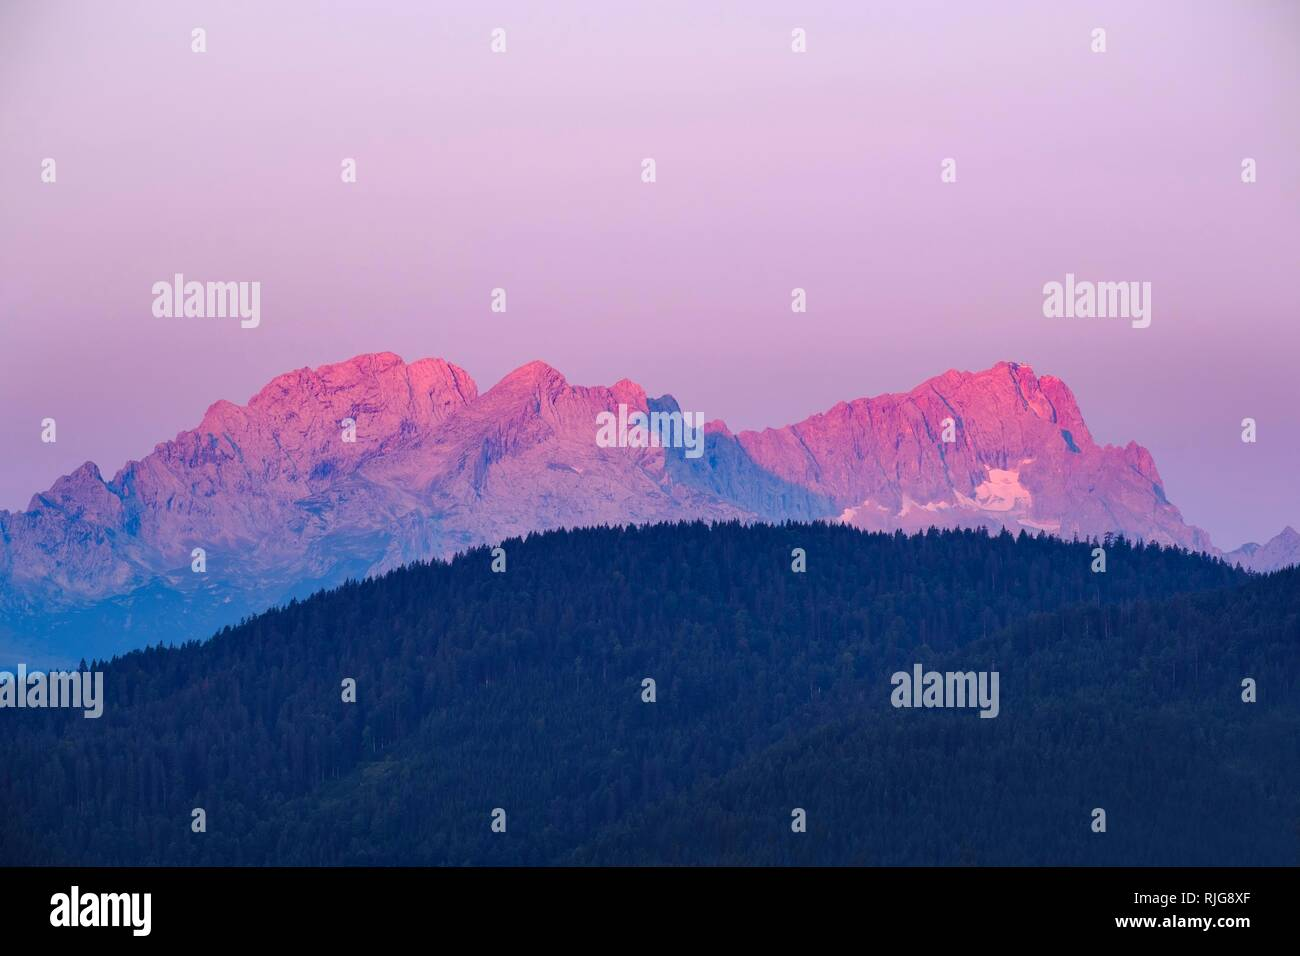 Wetterstein range with red glowing Zugspitze at sunrise, view from Krepelschrofen near Wallgau, Werdenfelser Land, Upper Bavaria - Stock Image